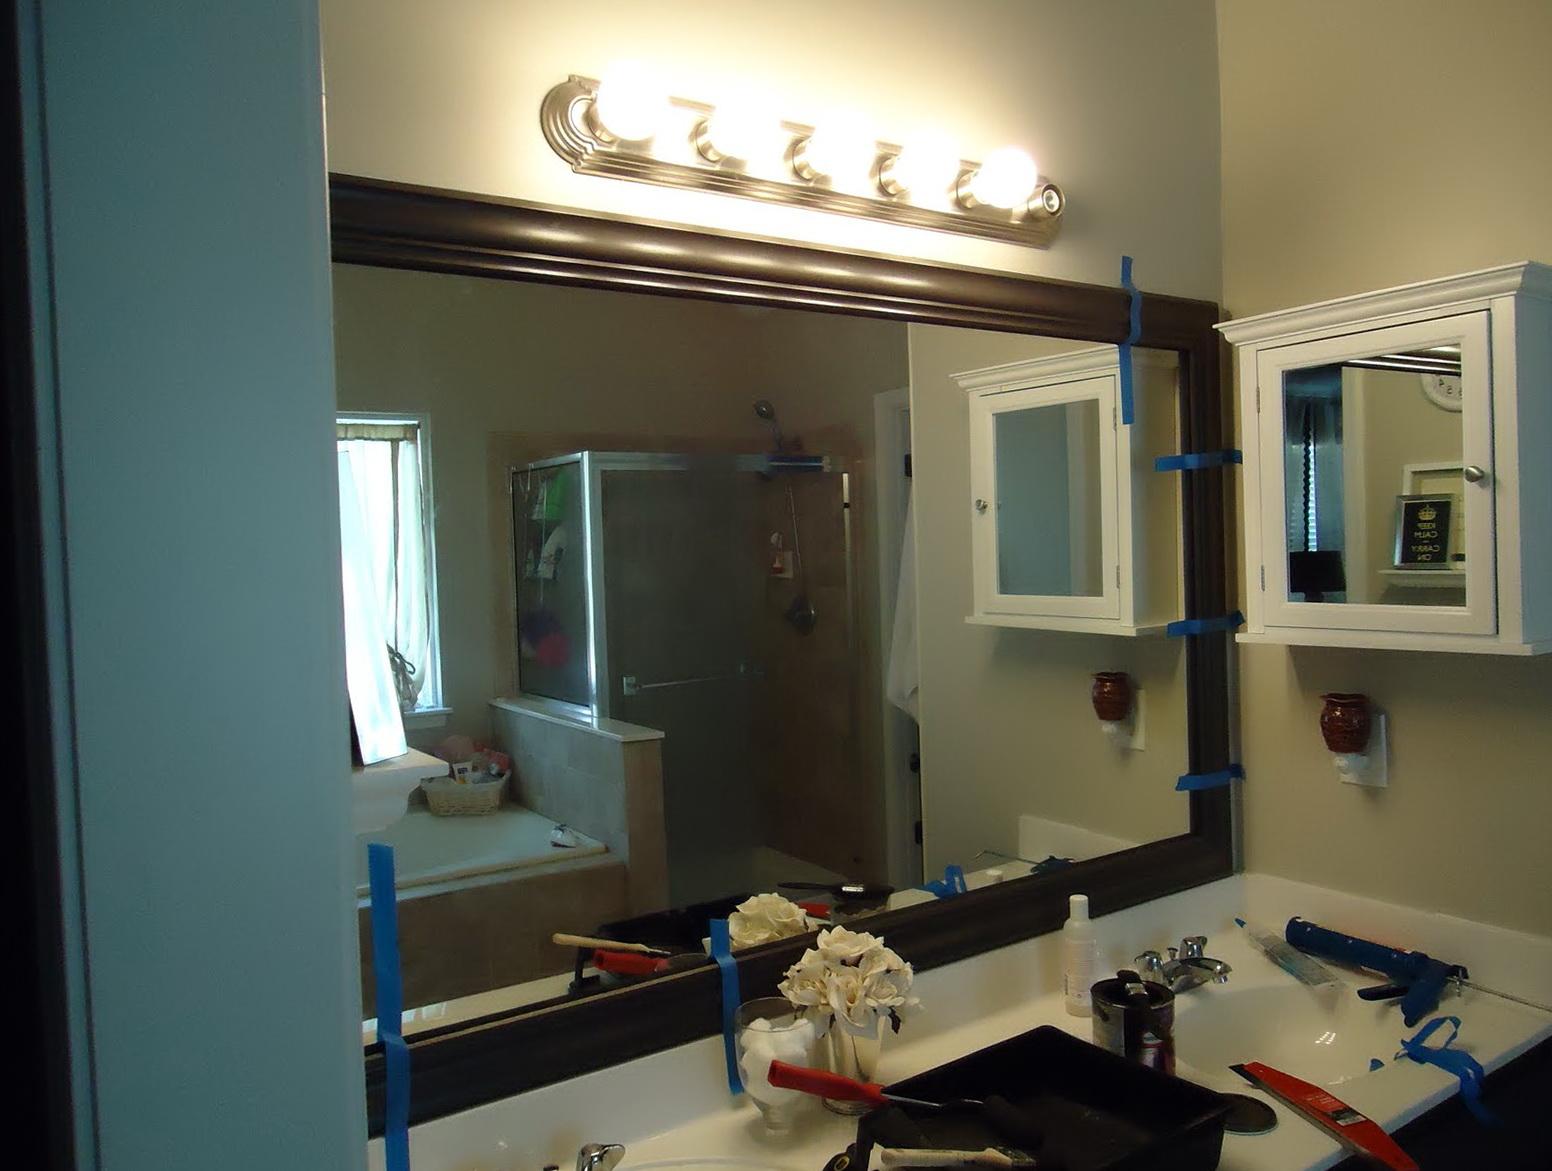 Vanity Light Over Mirror